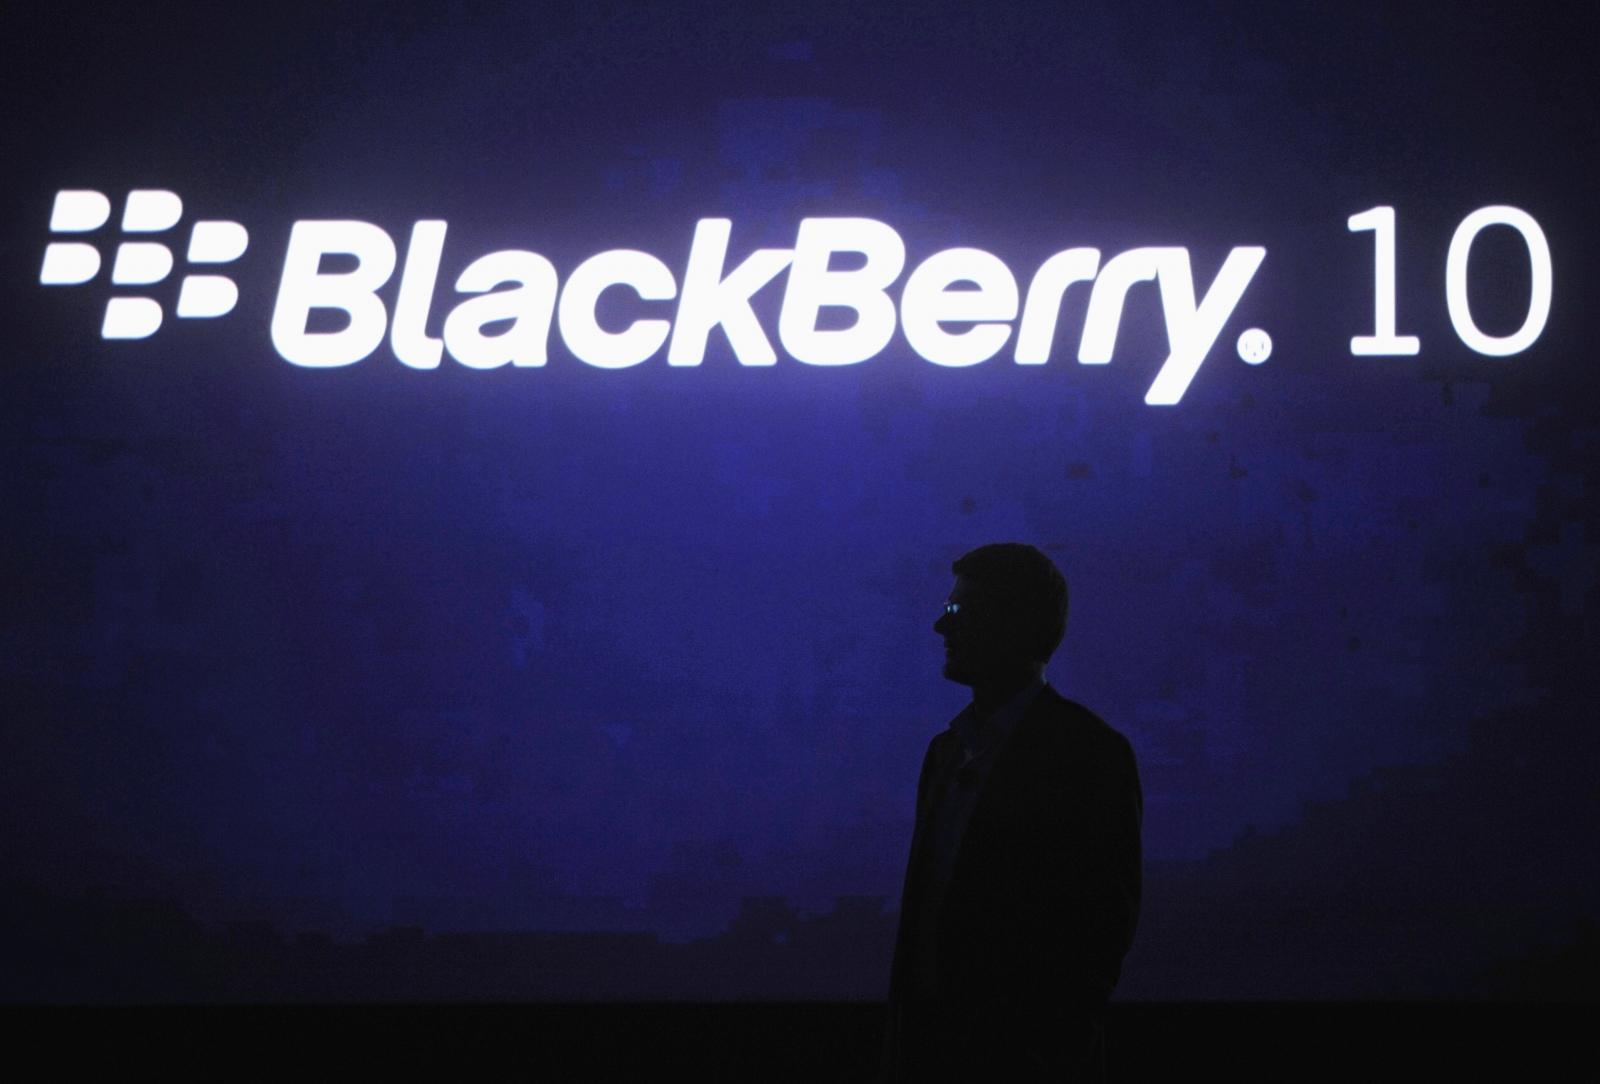 BlackBerry Enterprise IM client application